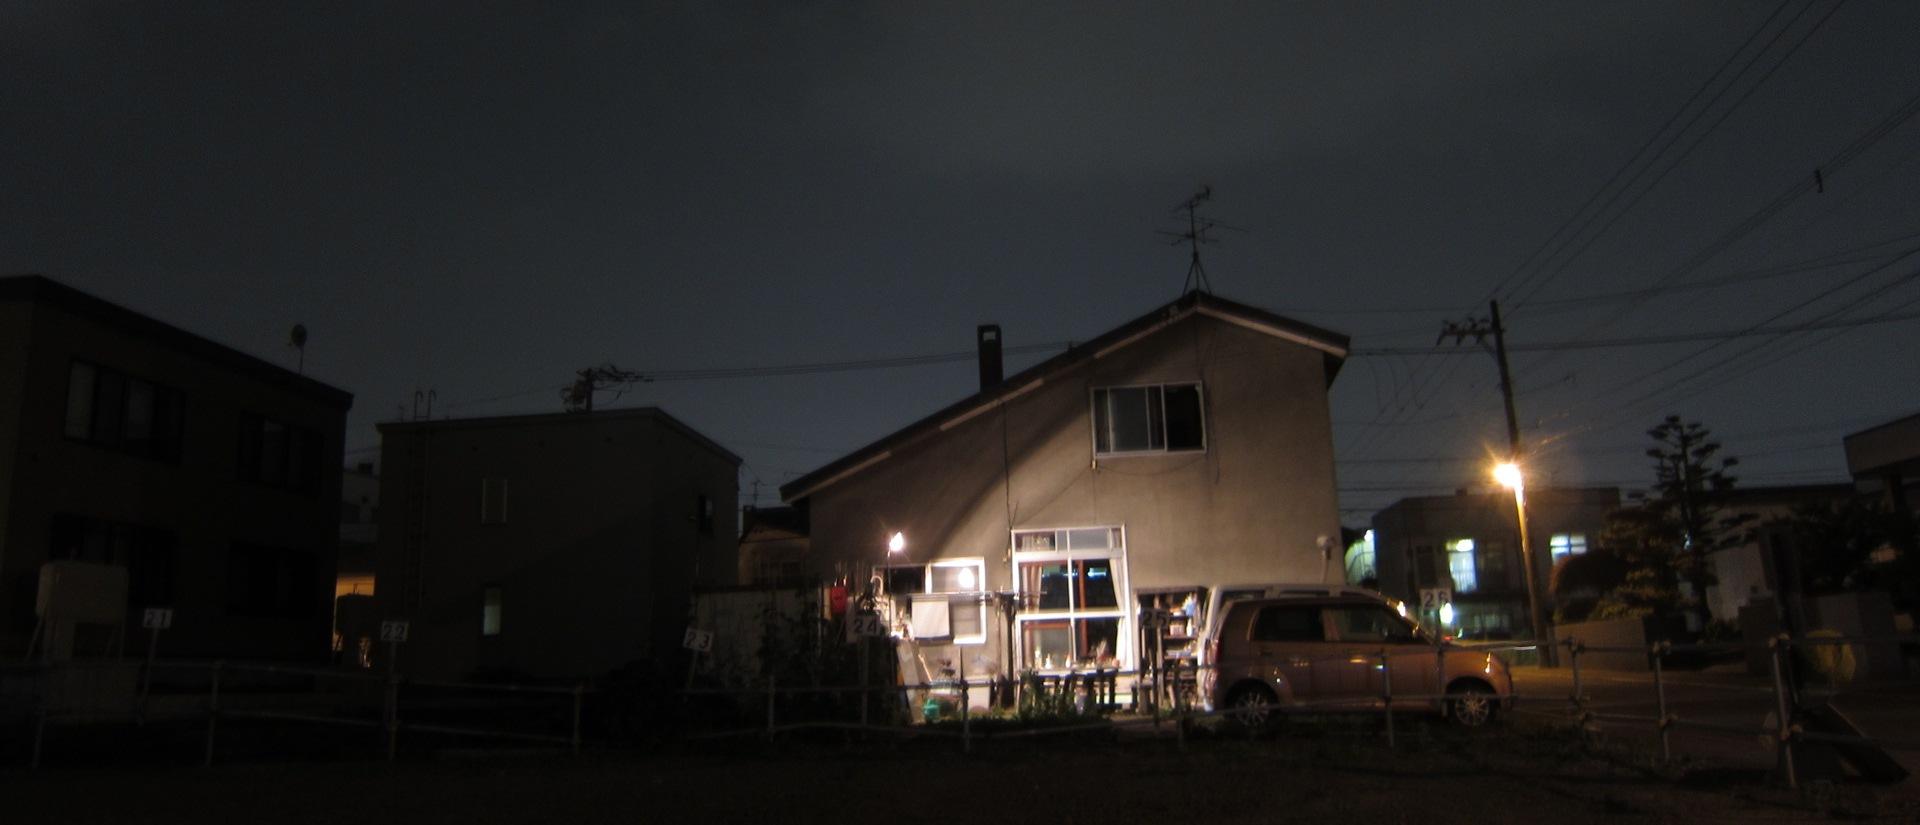 2416)「昨夜は庭で夕食をした。2014年7月17日(木)」_f0126829_16582554.jpg